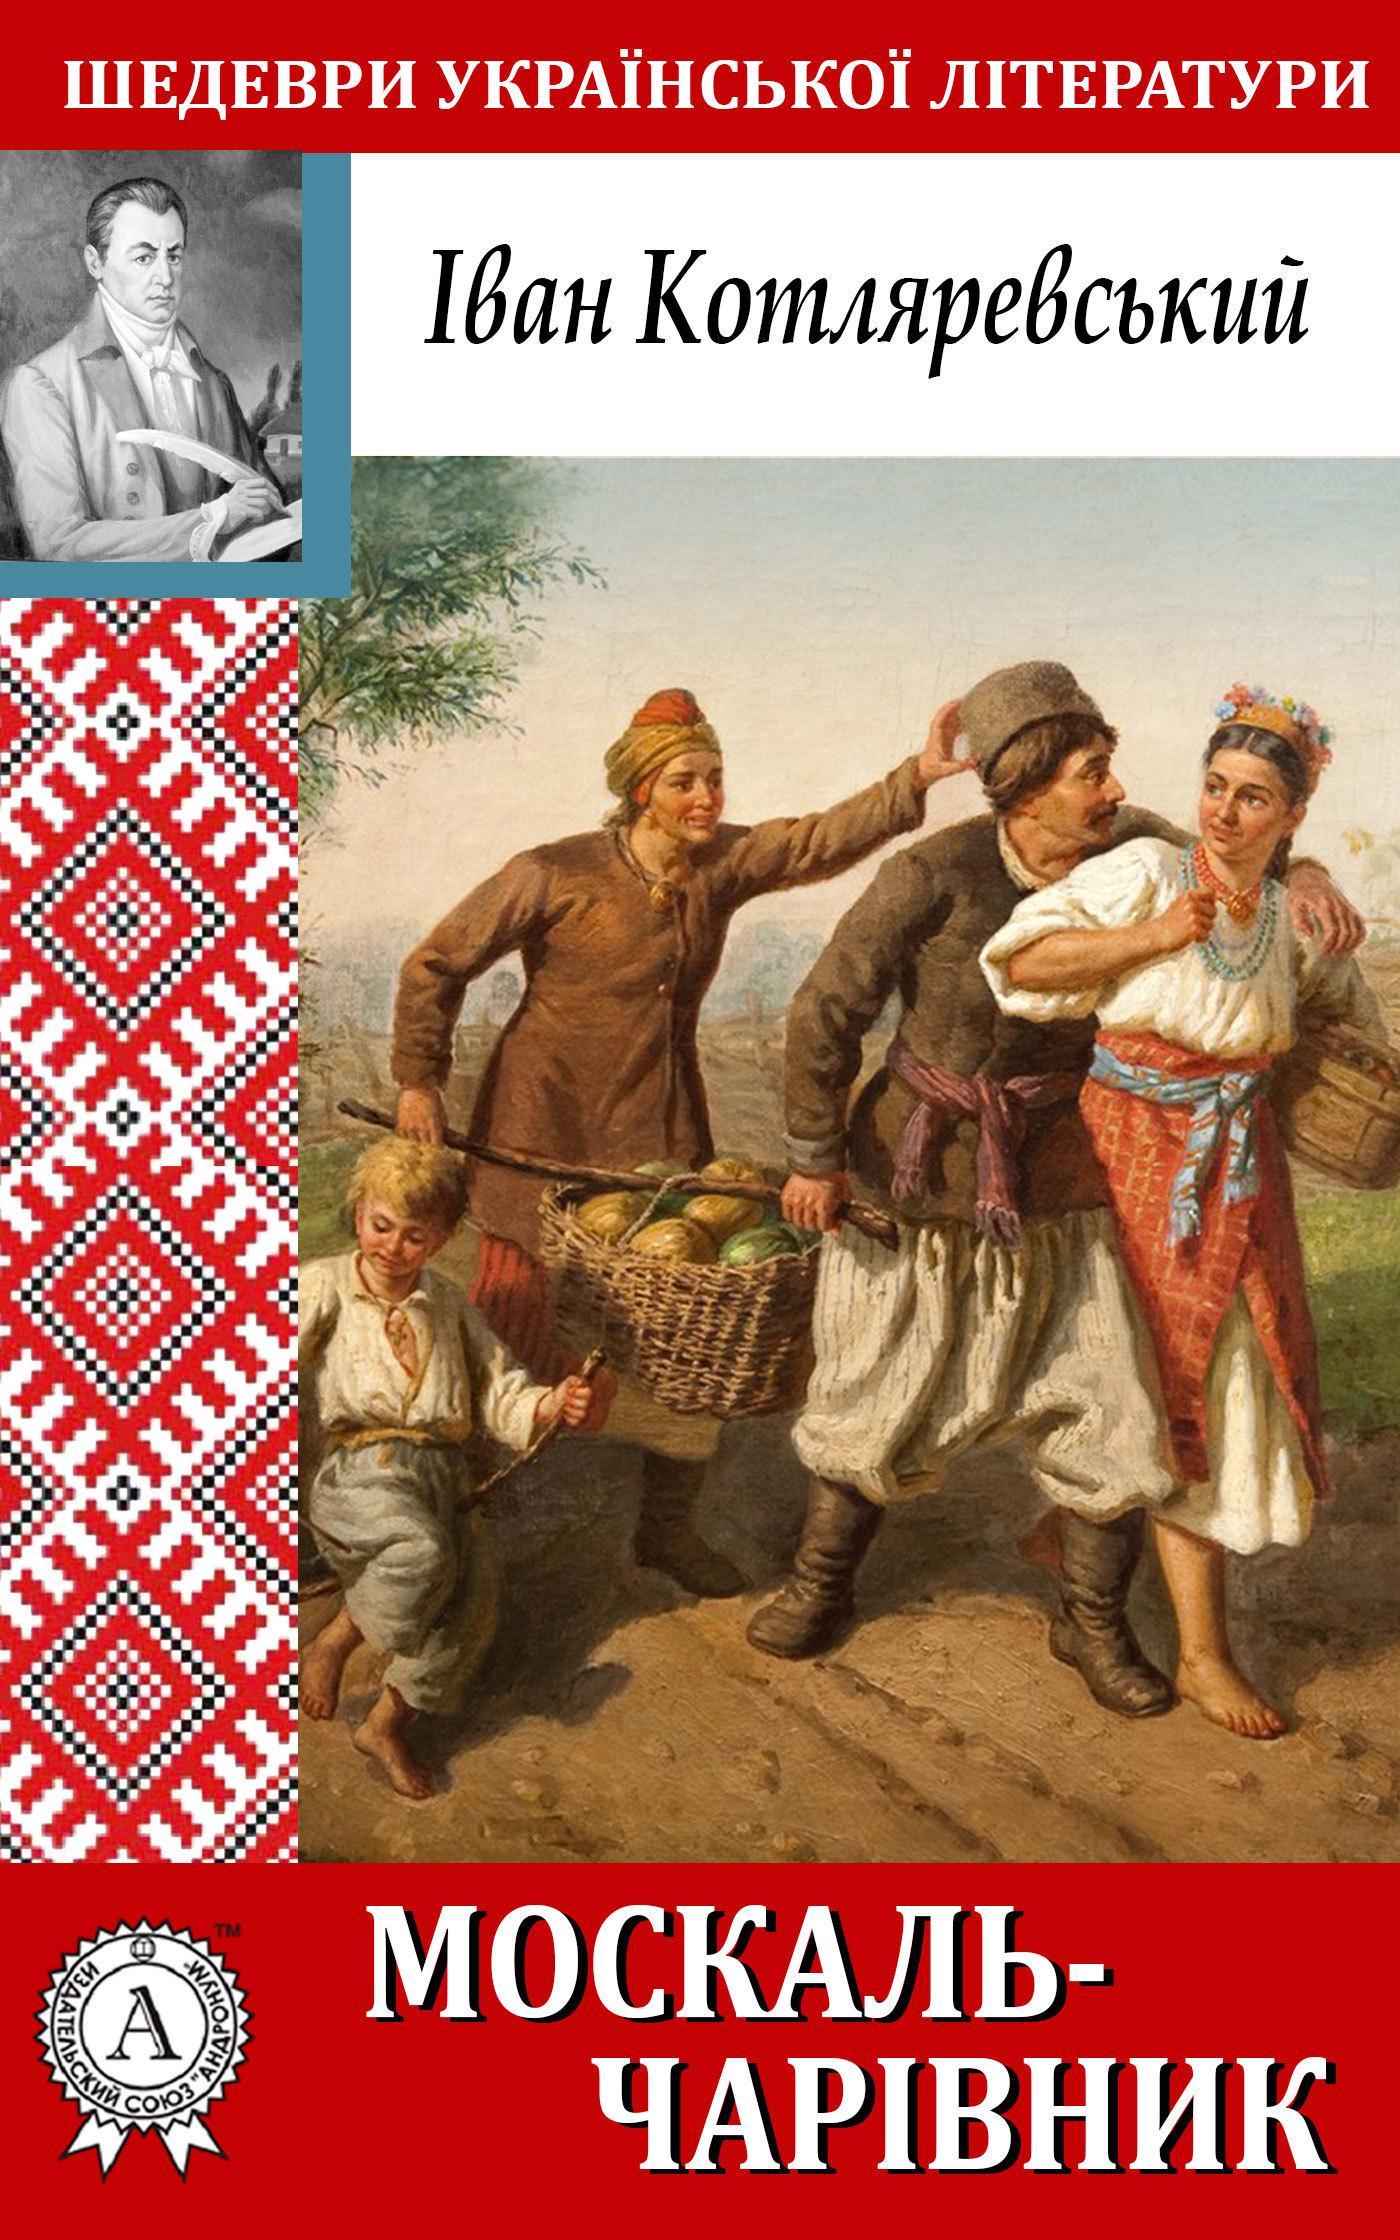 Книга Байда, князь Вишневецький